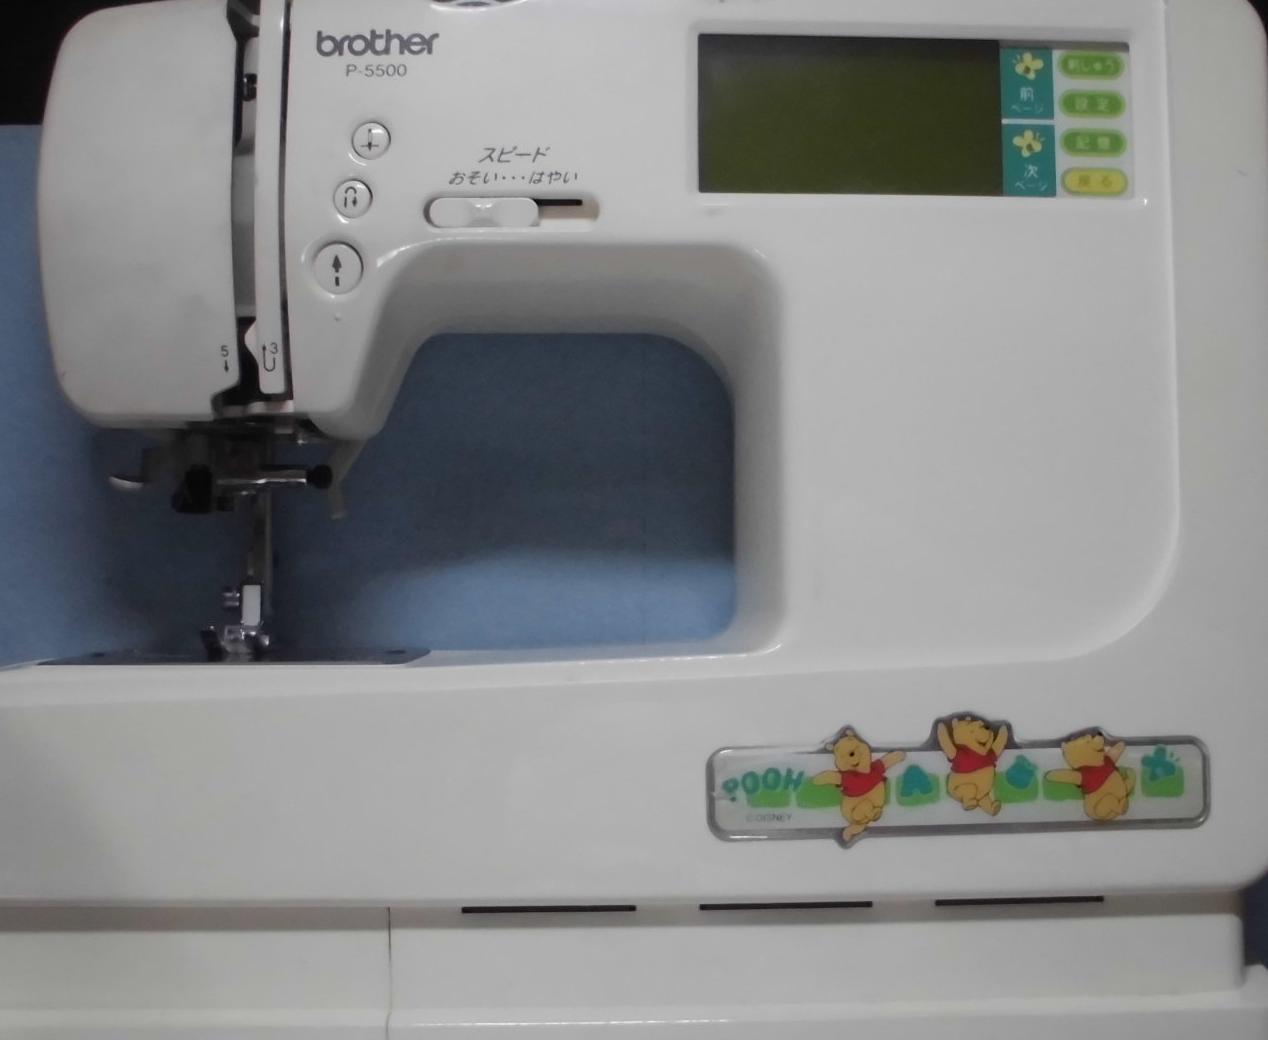 brotherミシンの修理 P-5500 送り歯が動かない、釜が回らない、縫えない、布を送らない